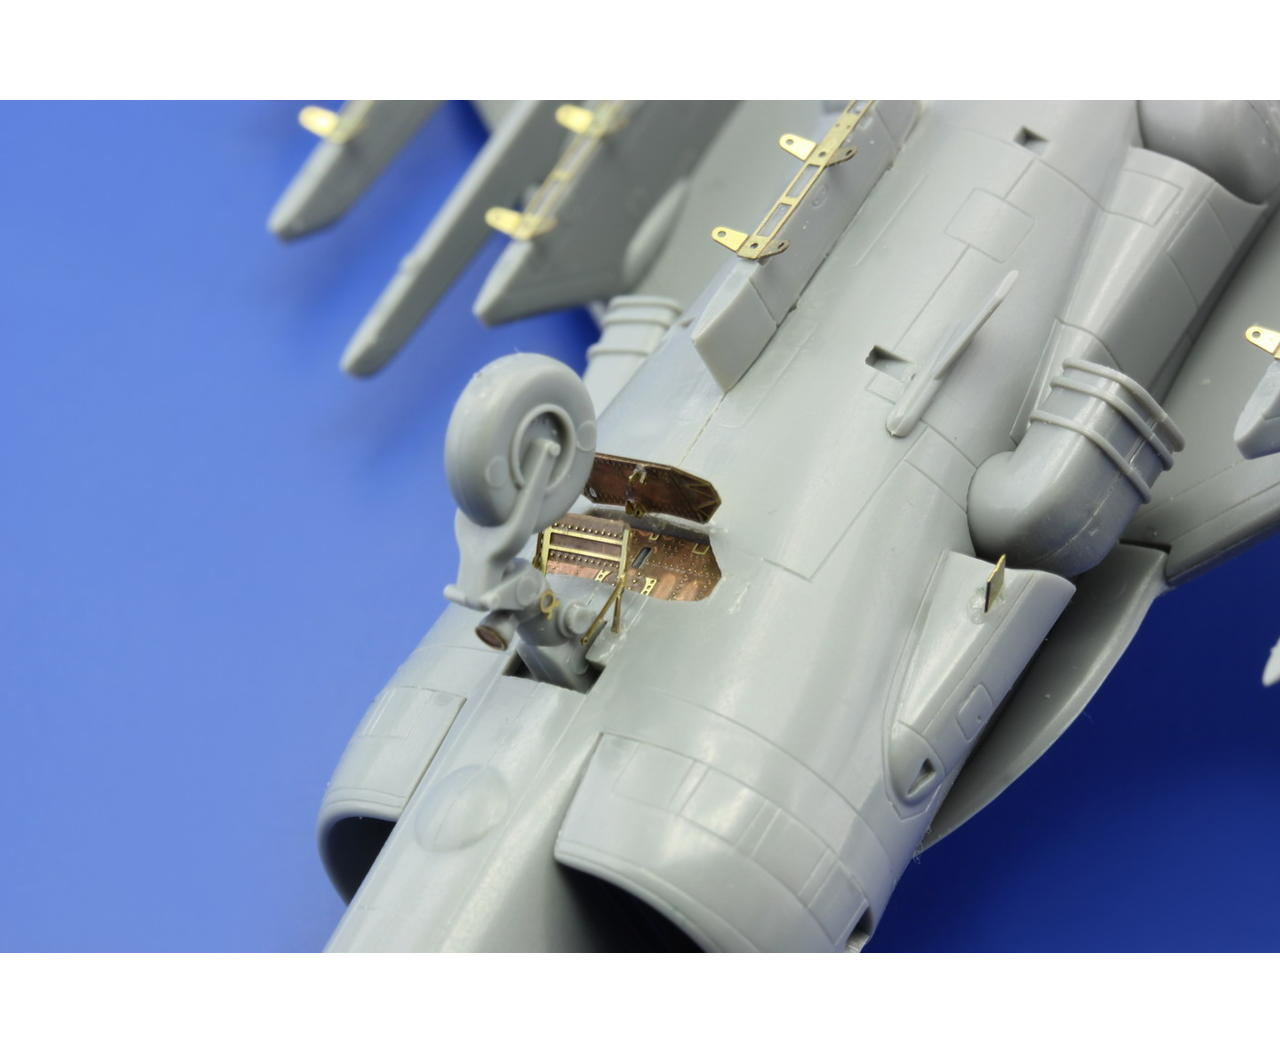 Eduard Zoom SS466 1//72 Revell Bae Harrier Gr.mk.7//Mk.9